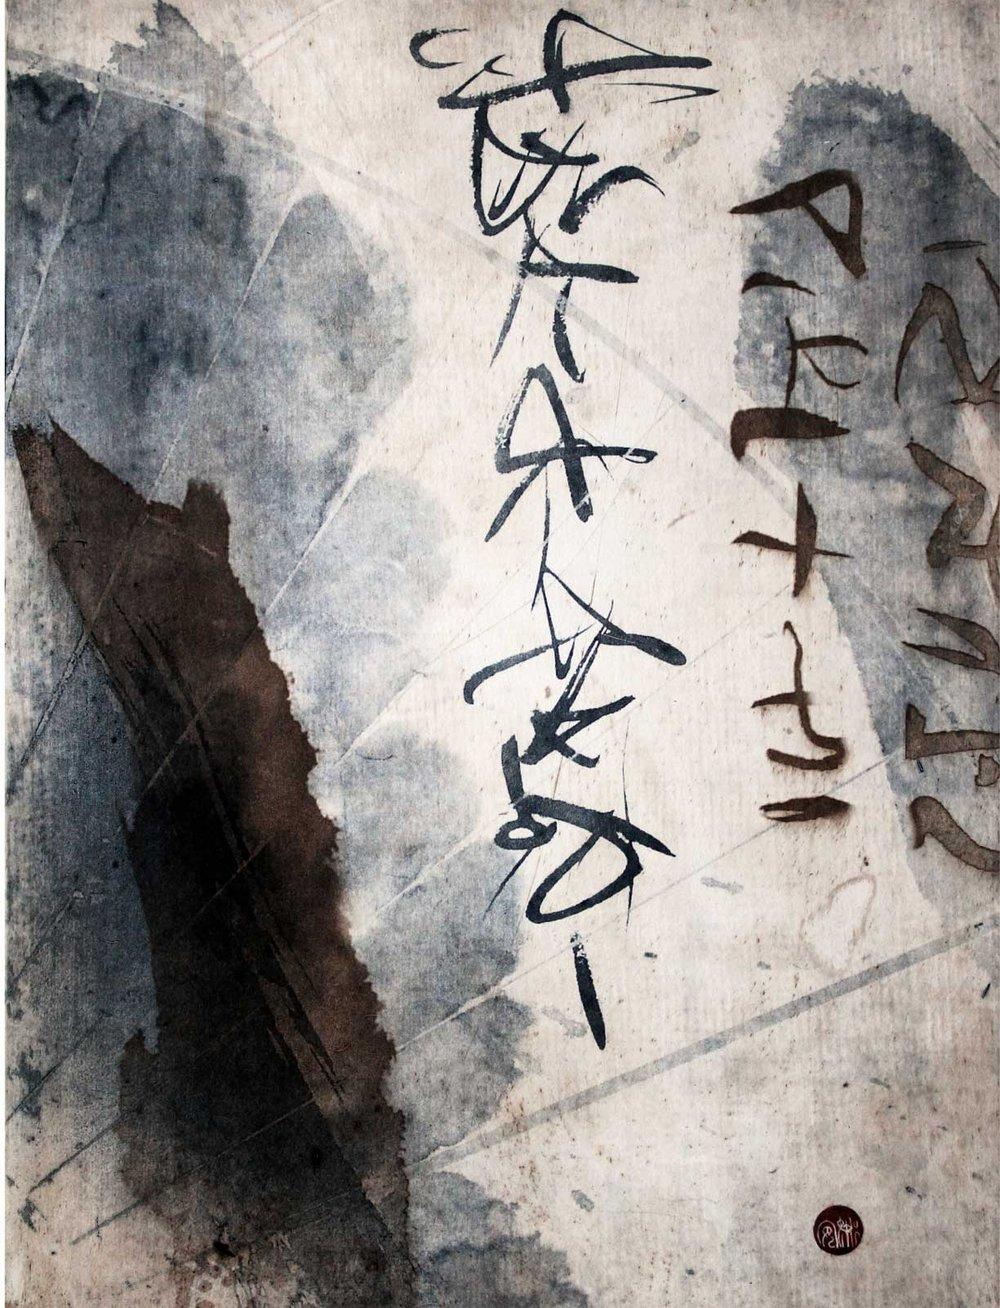 Simitai, by Barbara Shunyi